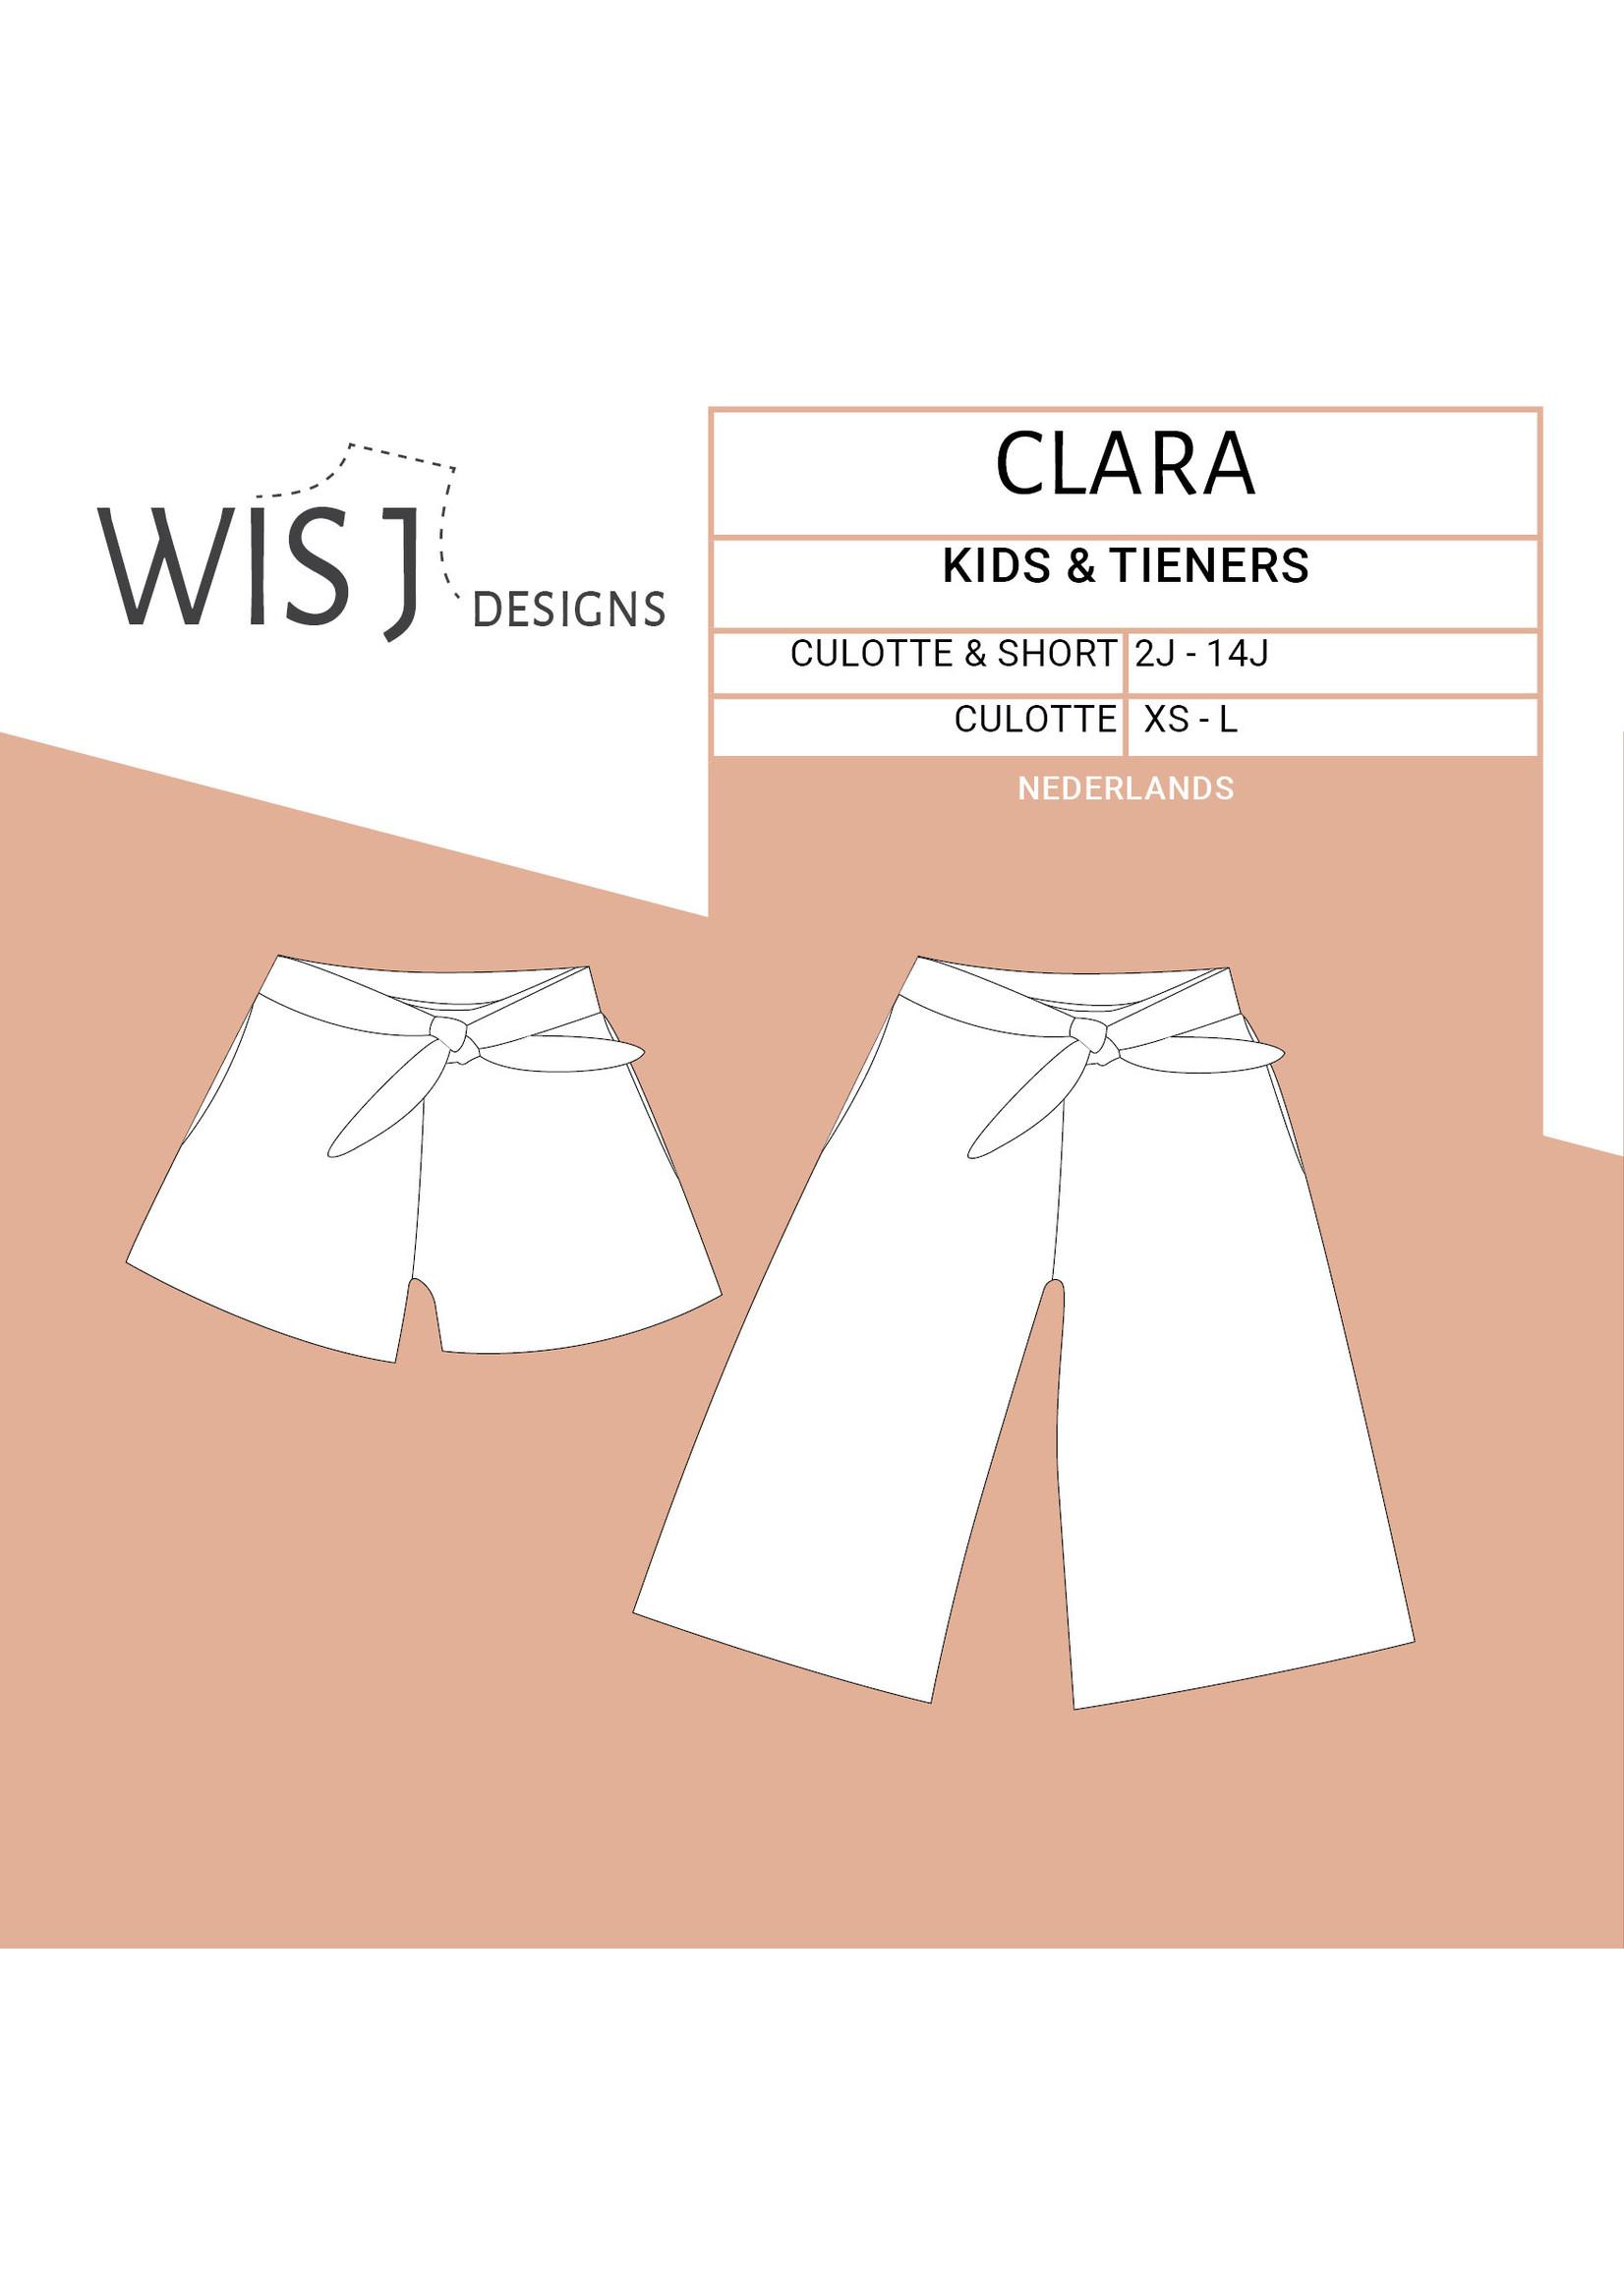 Wisj Designs Clara wisj